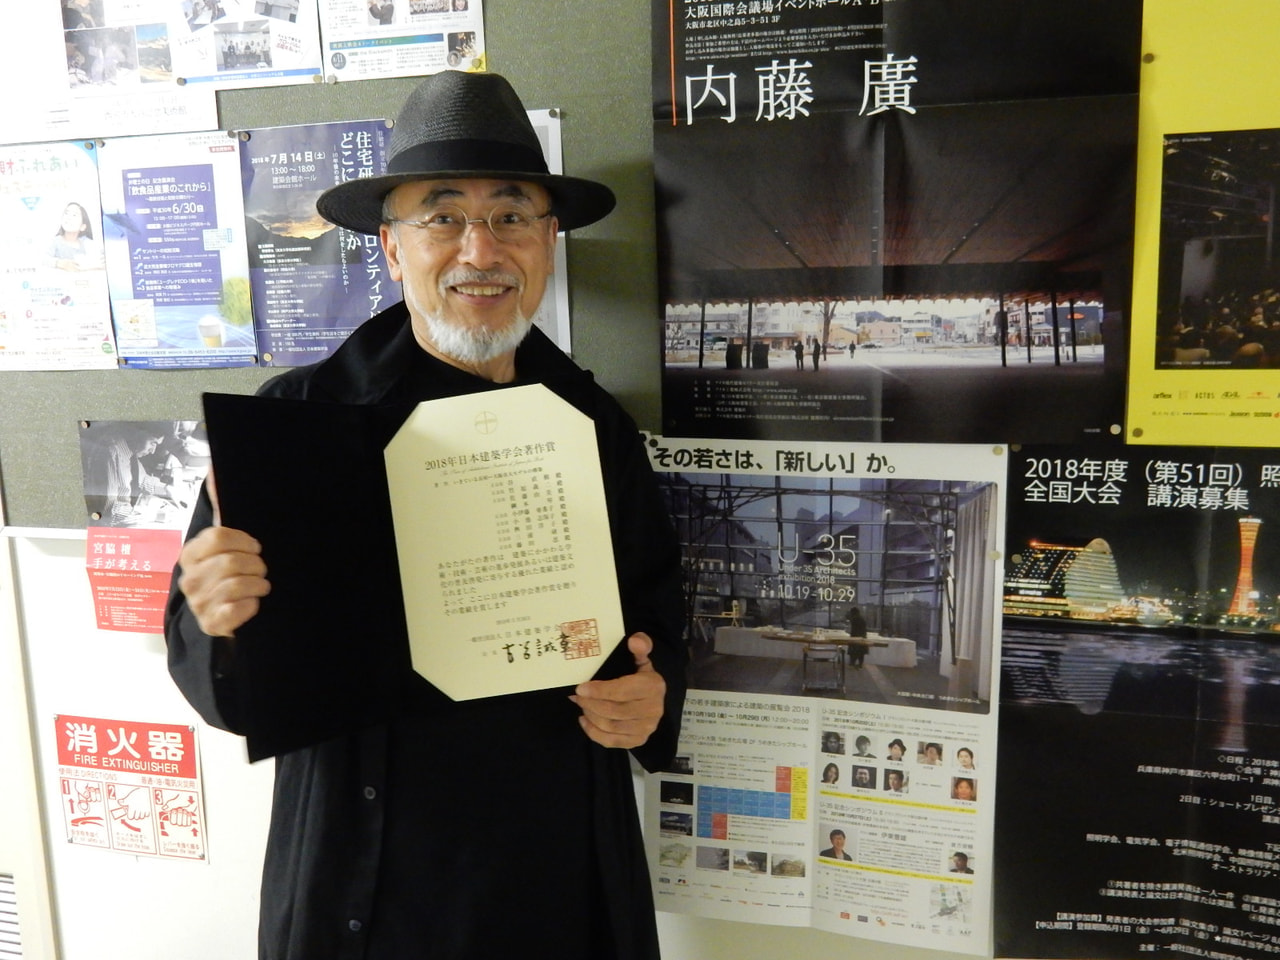 竹原先生が「2018年日本建築学会著作賞」を受賞されました。